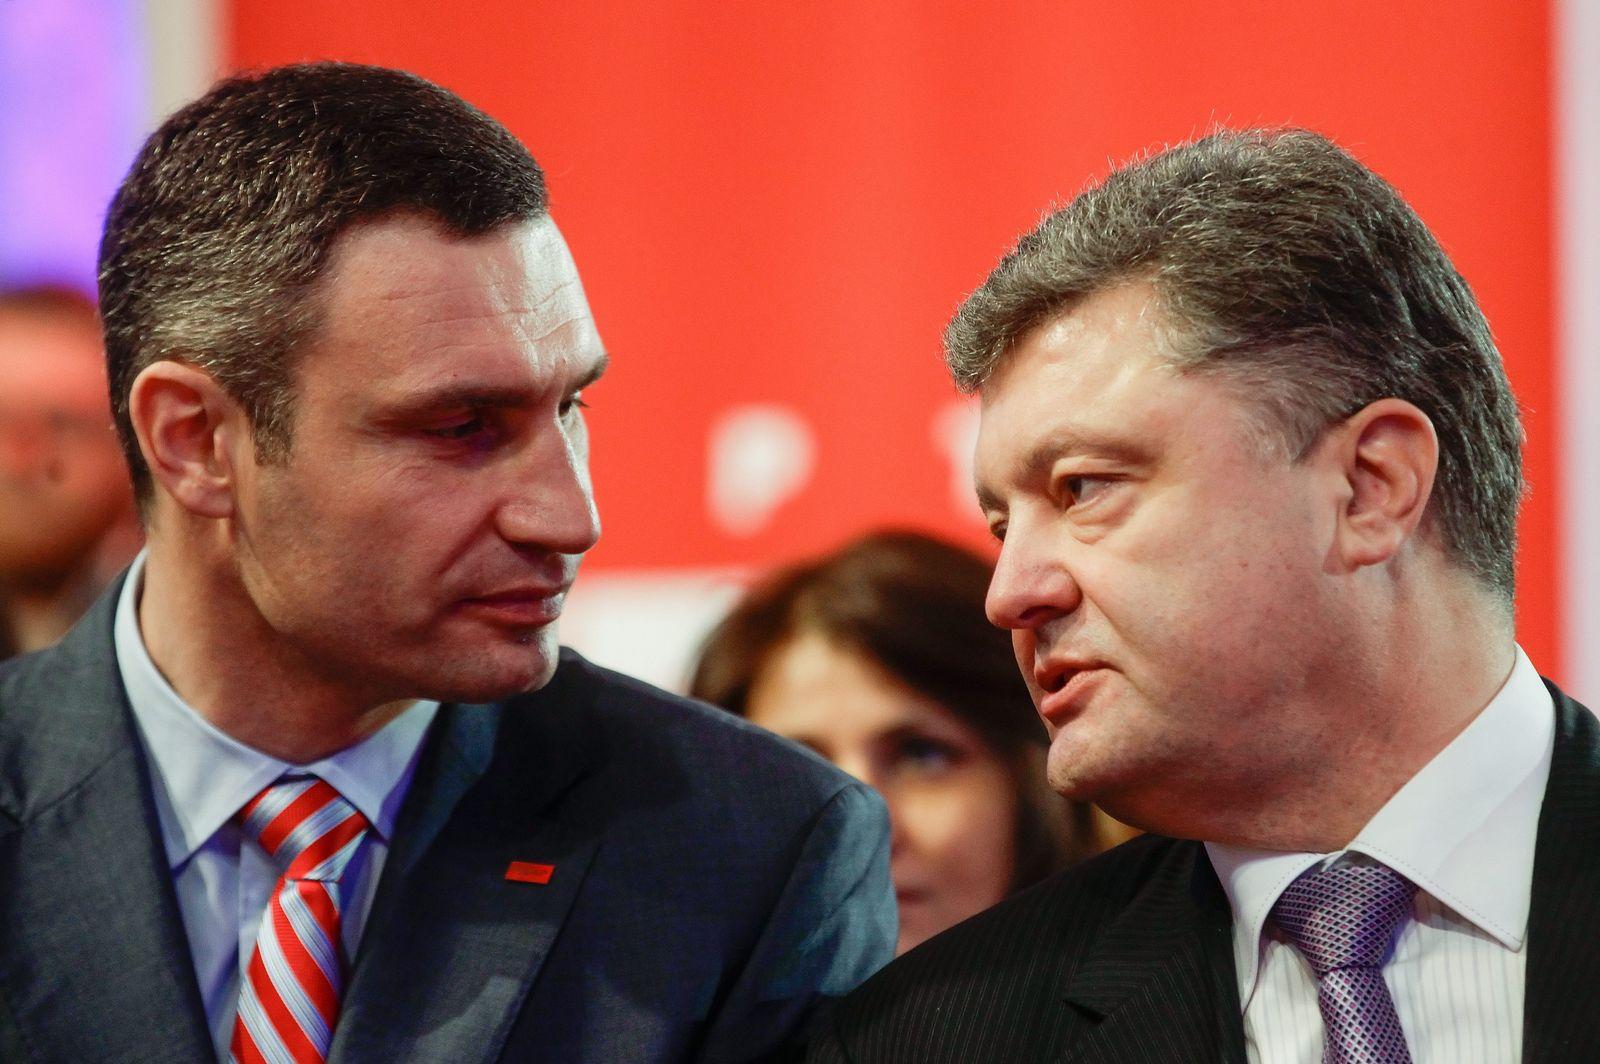 DER SPIEGEL 21/ 2014 pp 86 SPIN / Poroschenko Ukraine